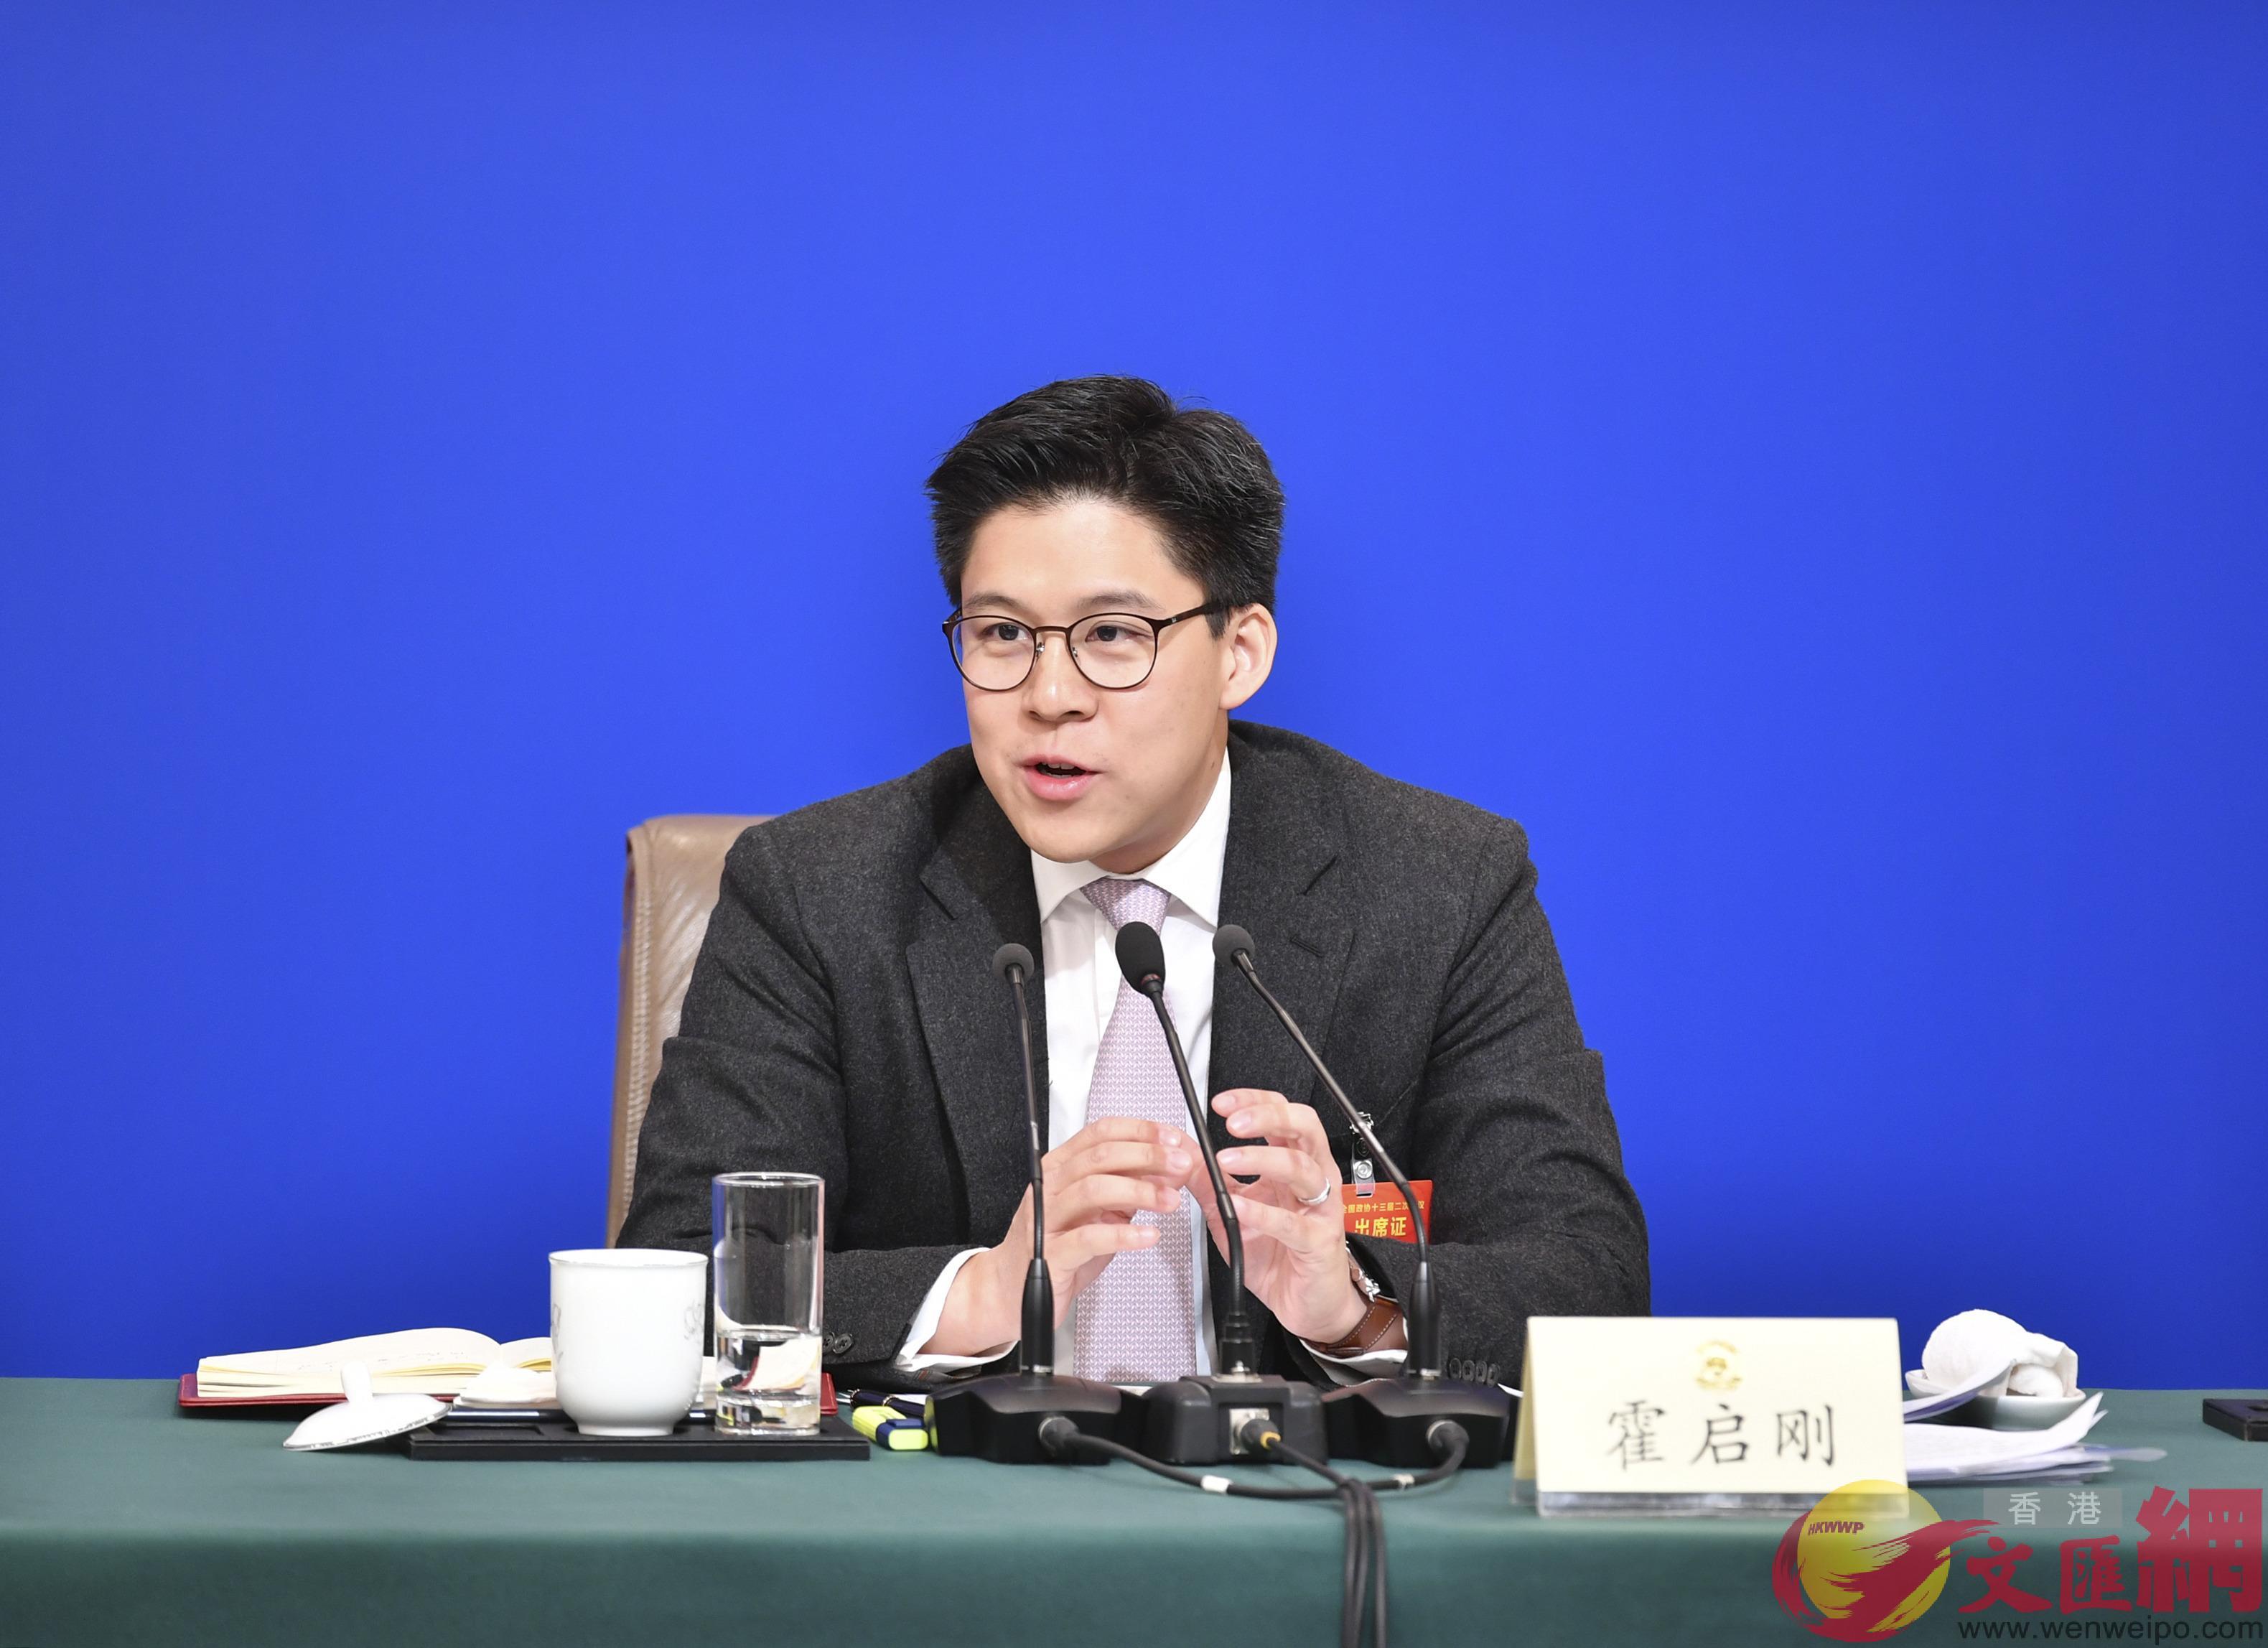 霍啟剛:港青對大灣區發展認同度超八成